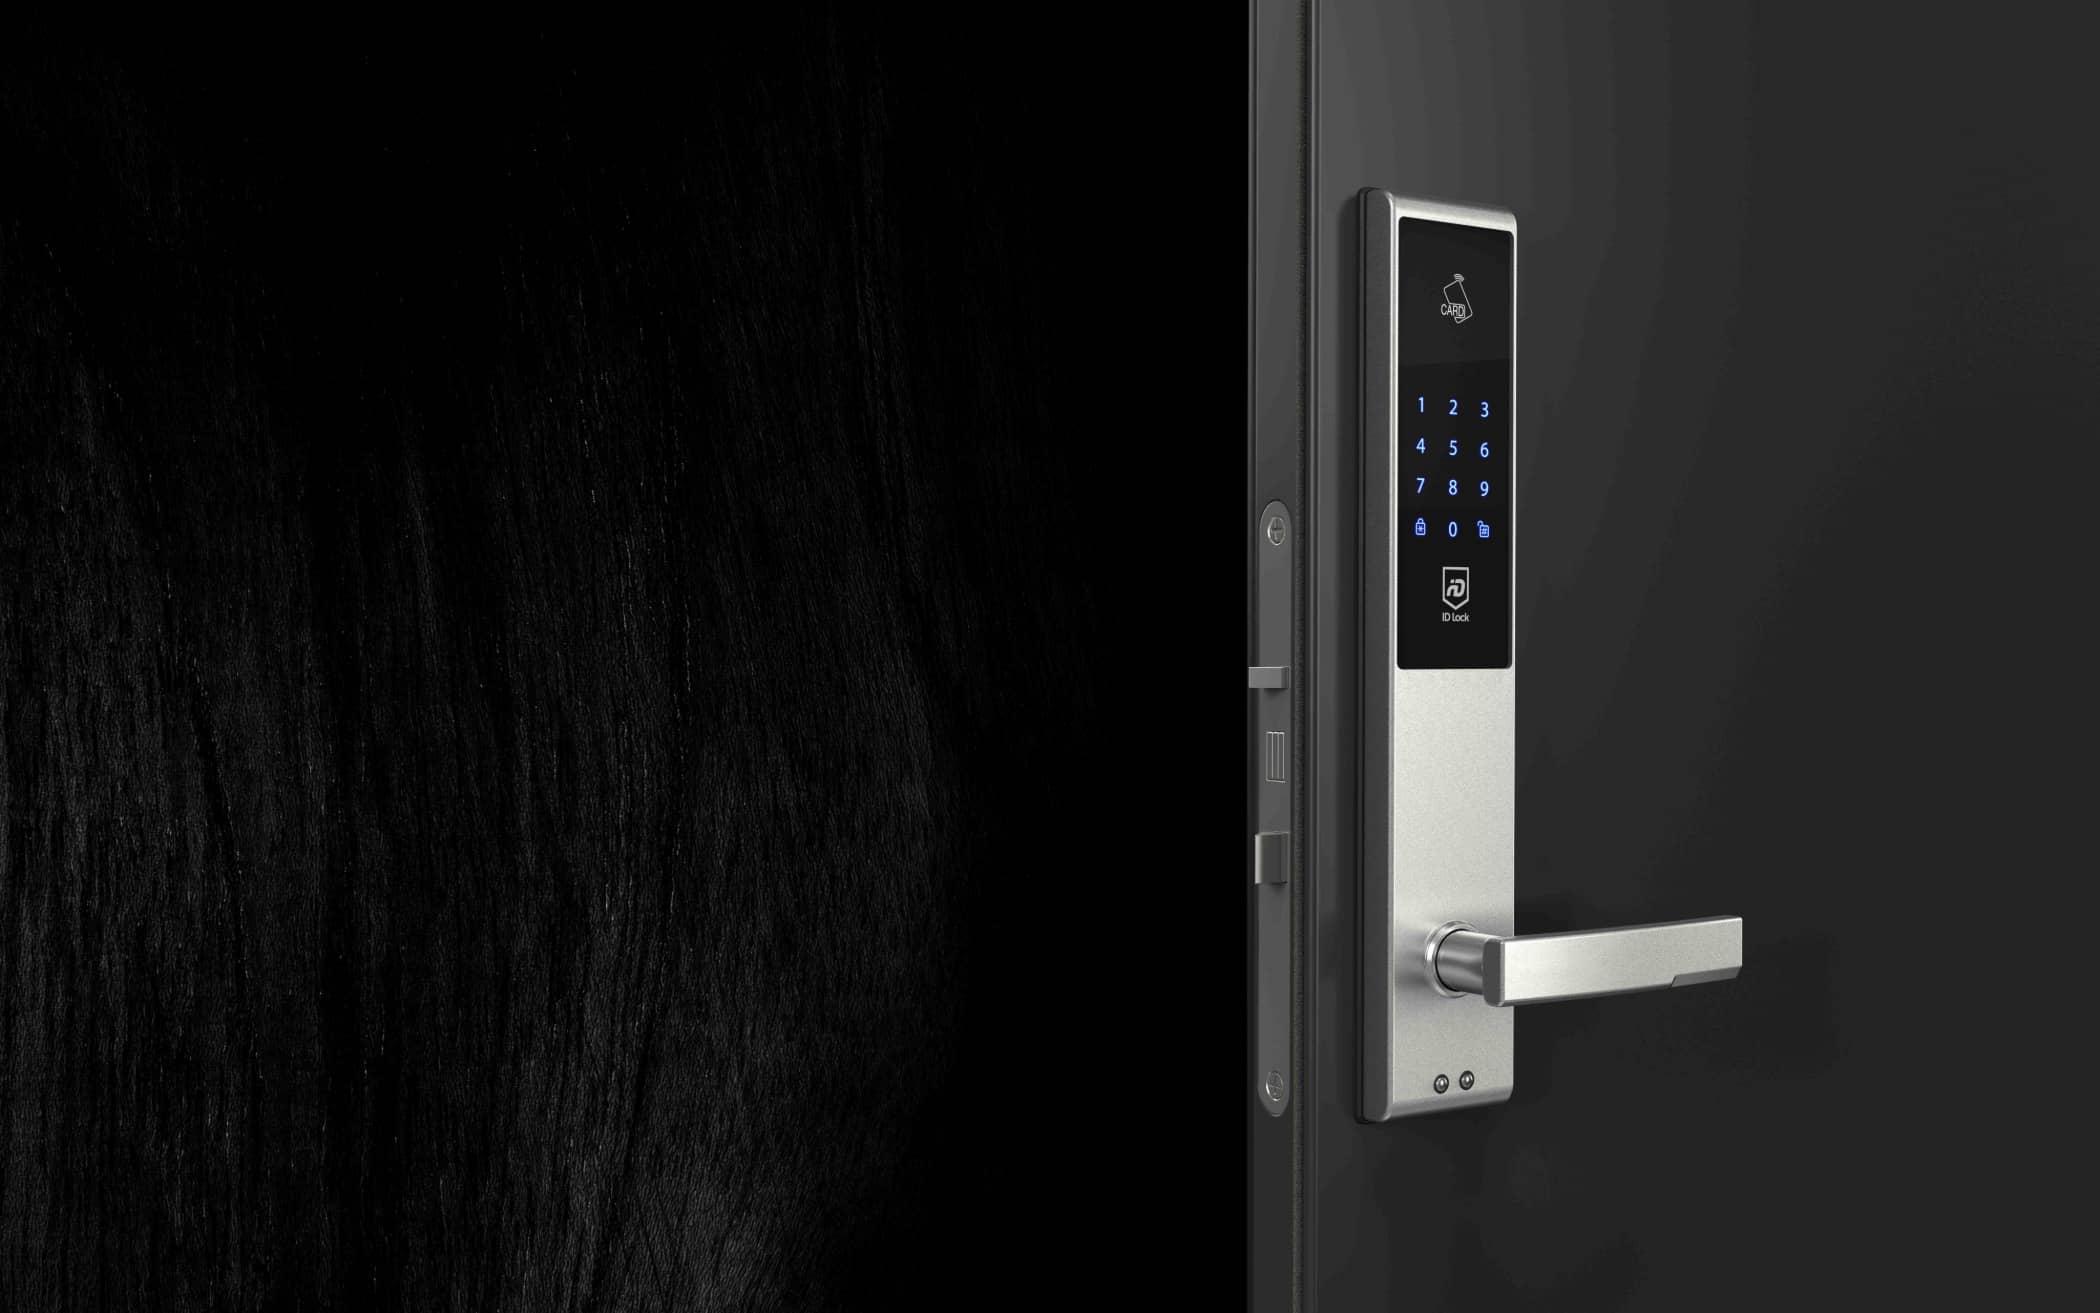 IDLock-150-Concept-Door-Perspective.jpg